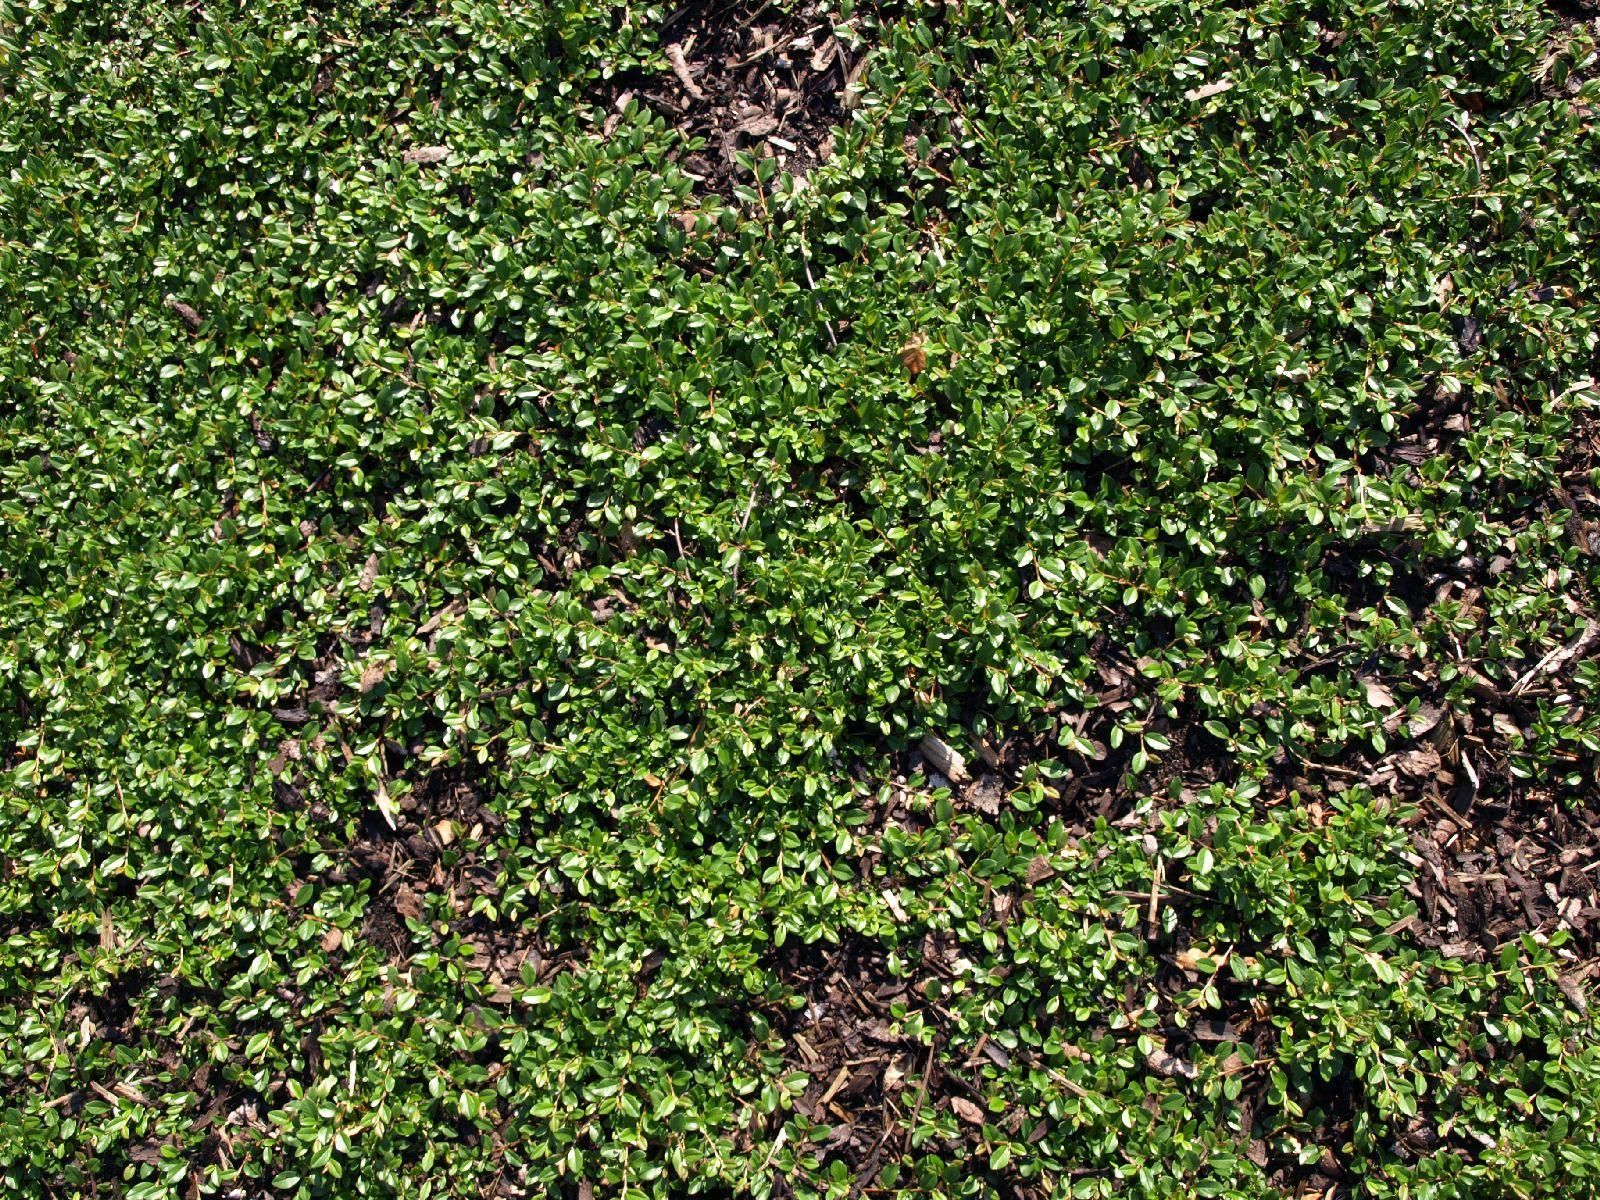 Boden-Gras-Moos-Blumen_Textur_A_P6143388